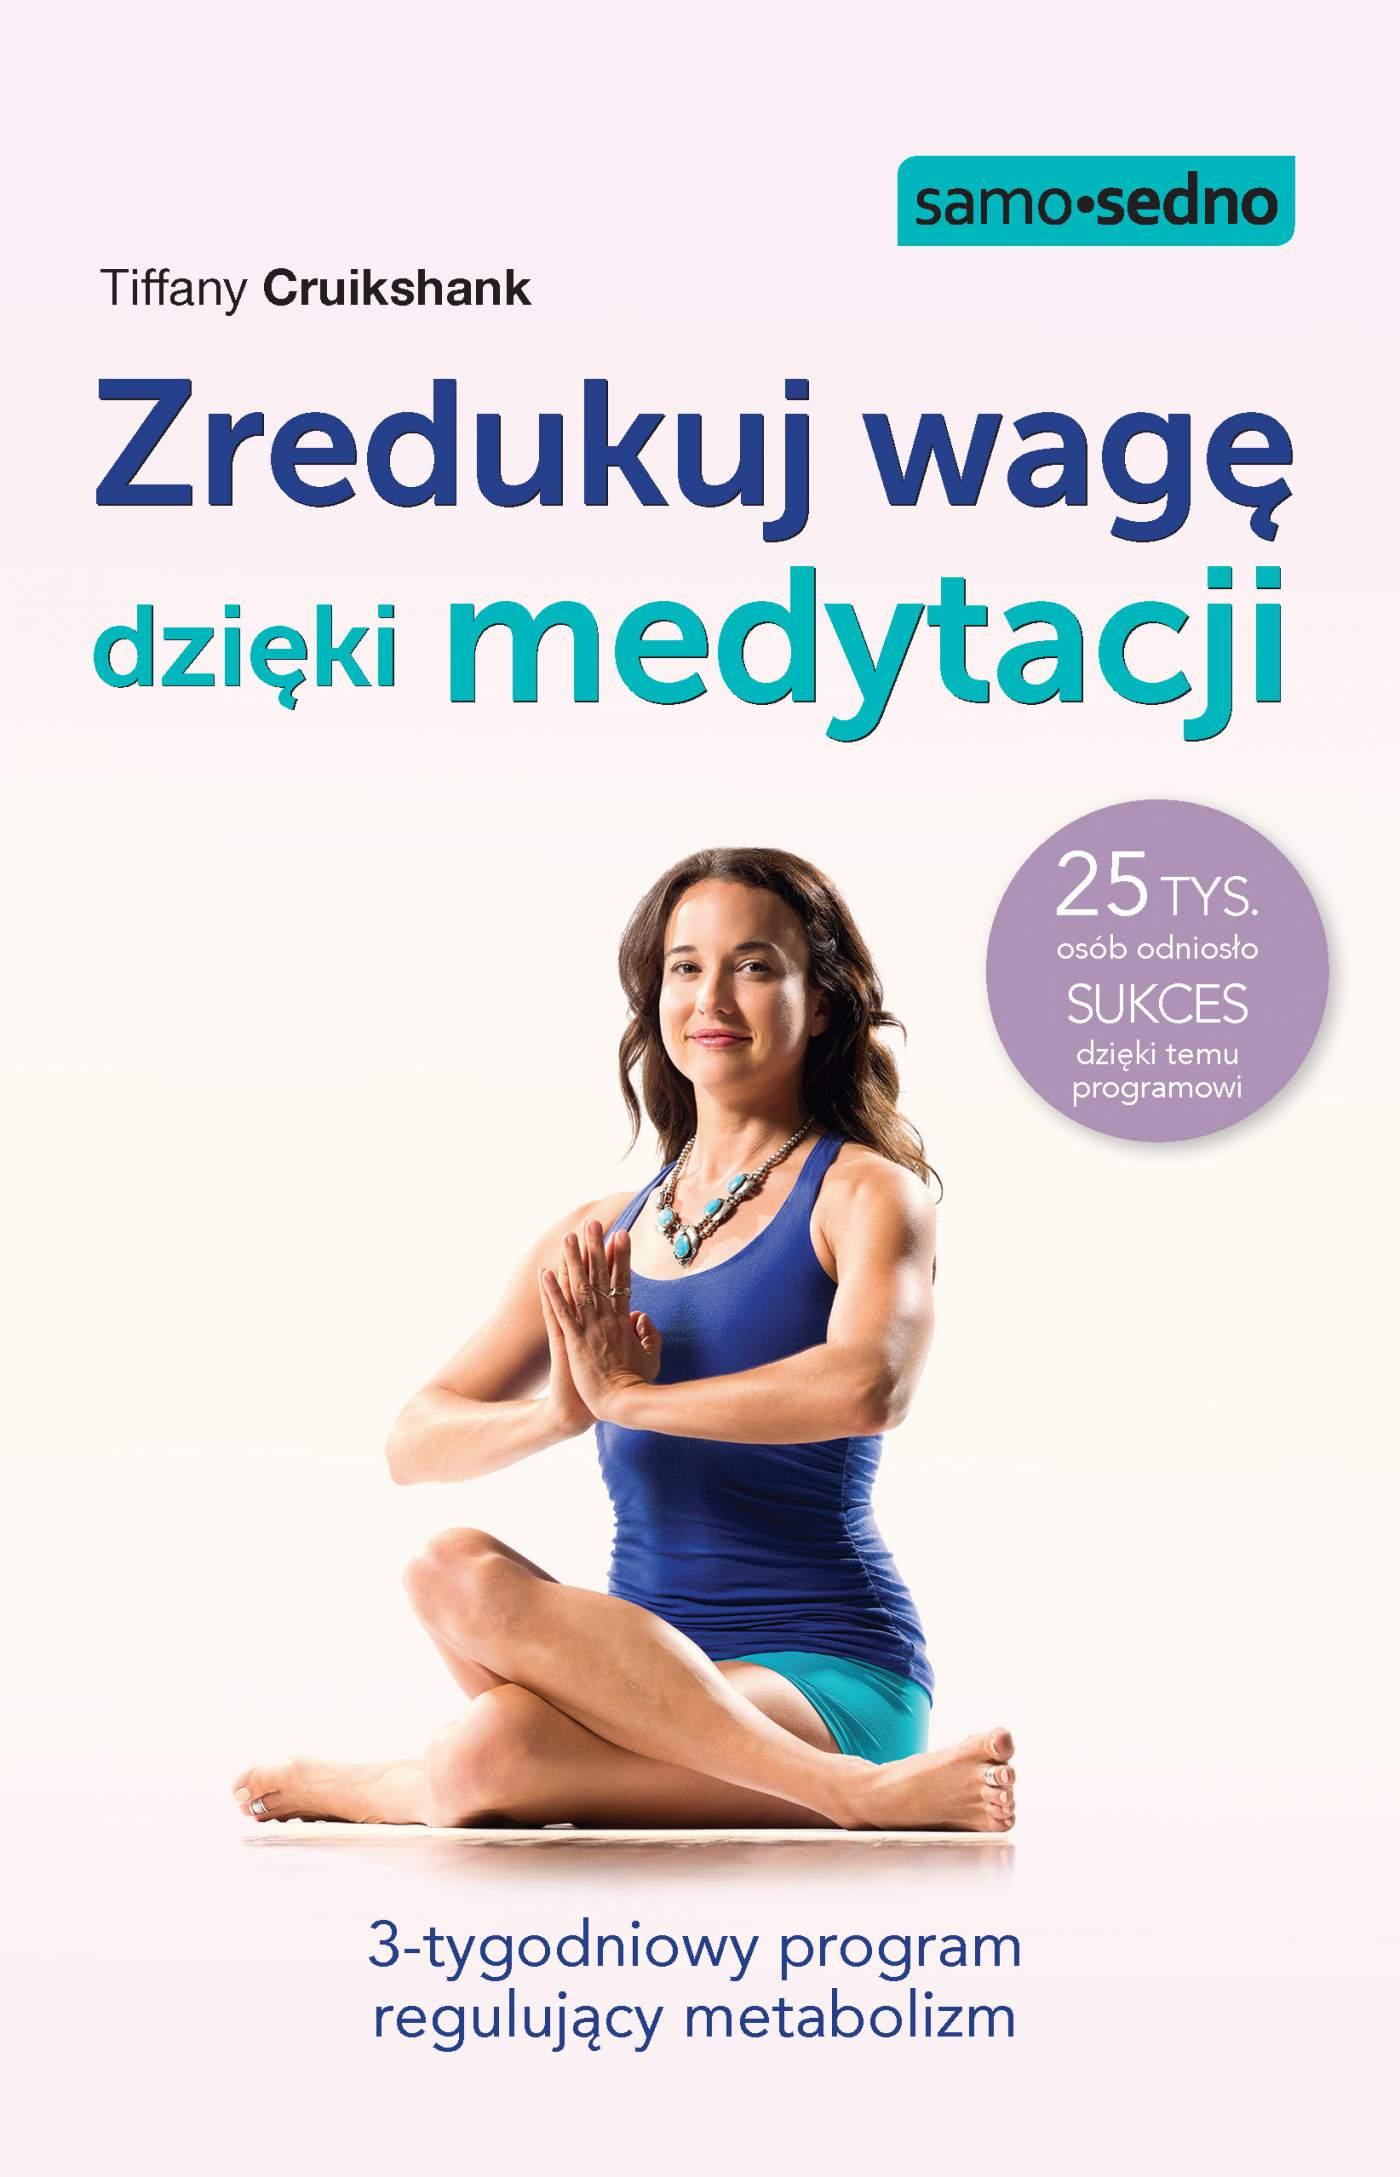 Zredukuj wagę dzięki medytacji - Ebook (Książka na Kindle) do pobrania w formacie MOBI